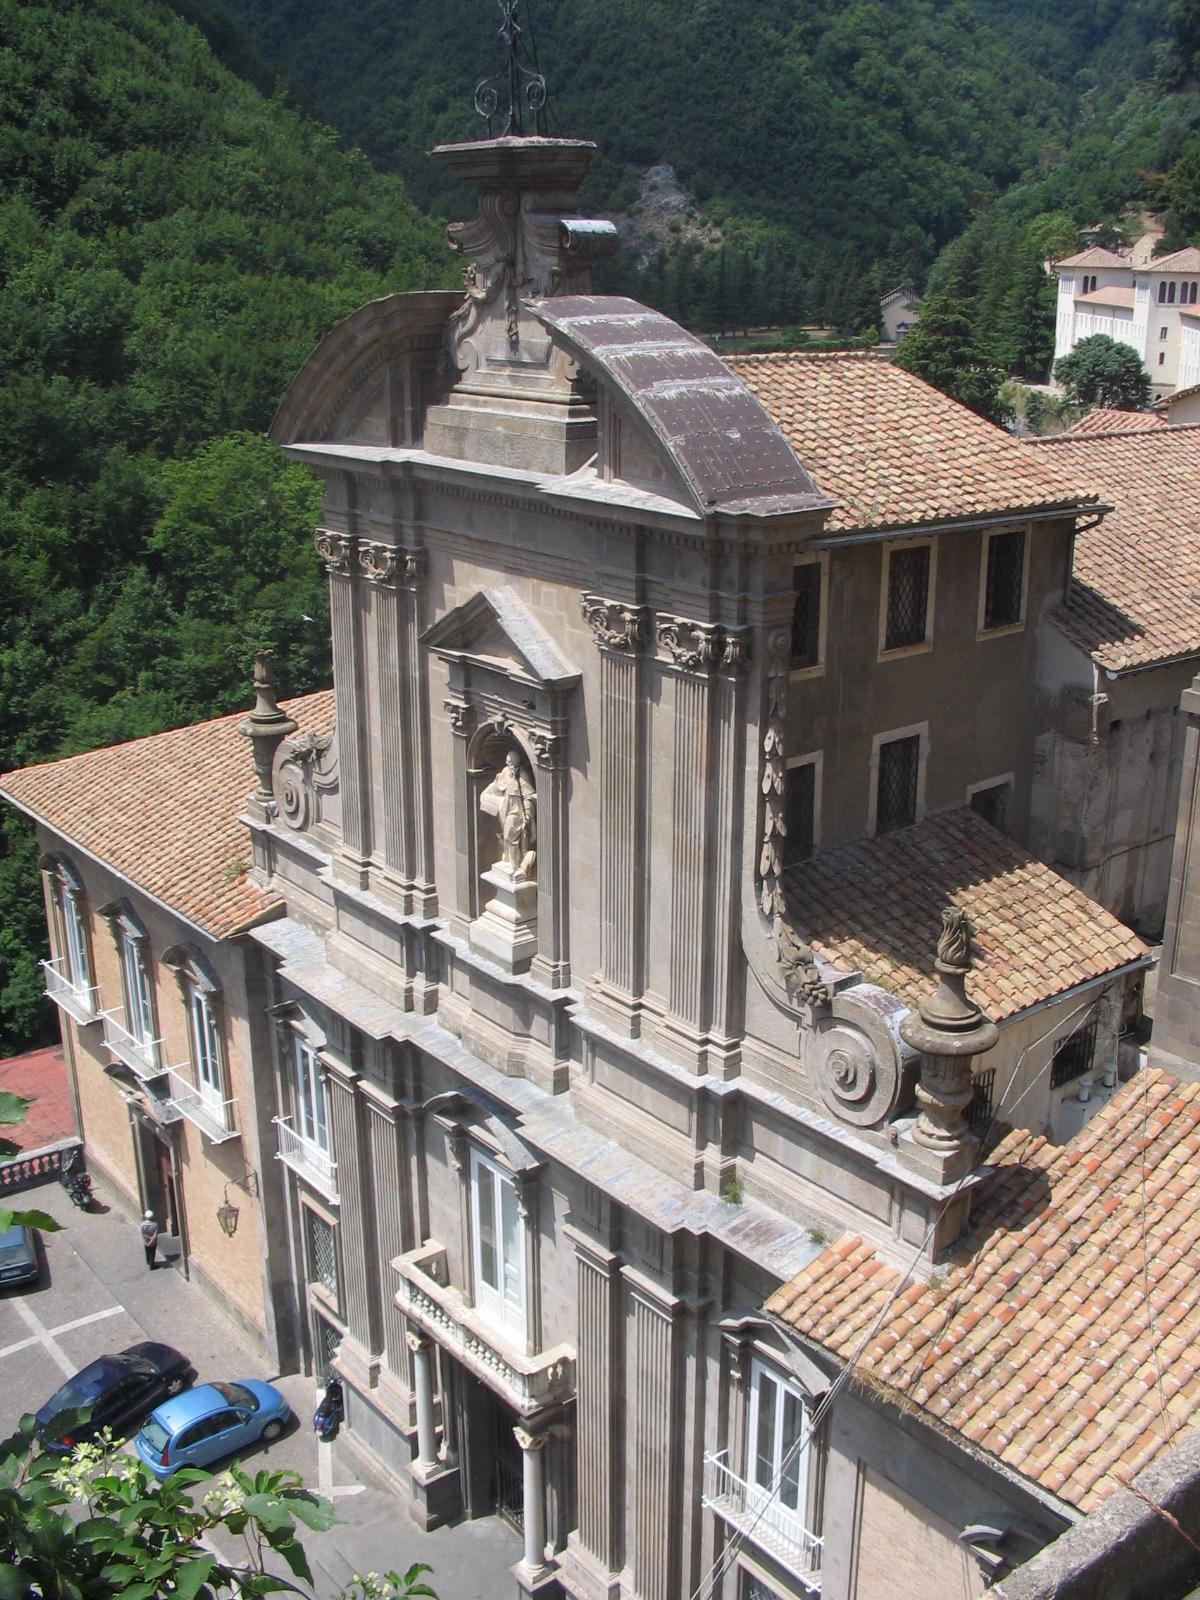 Fotografo Cava Dei Tirreni la trinità della cava - wikipedia